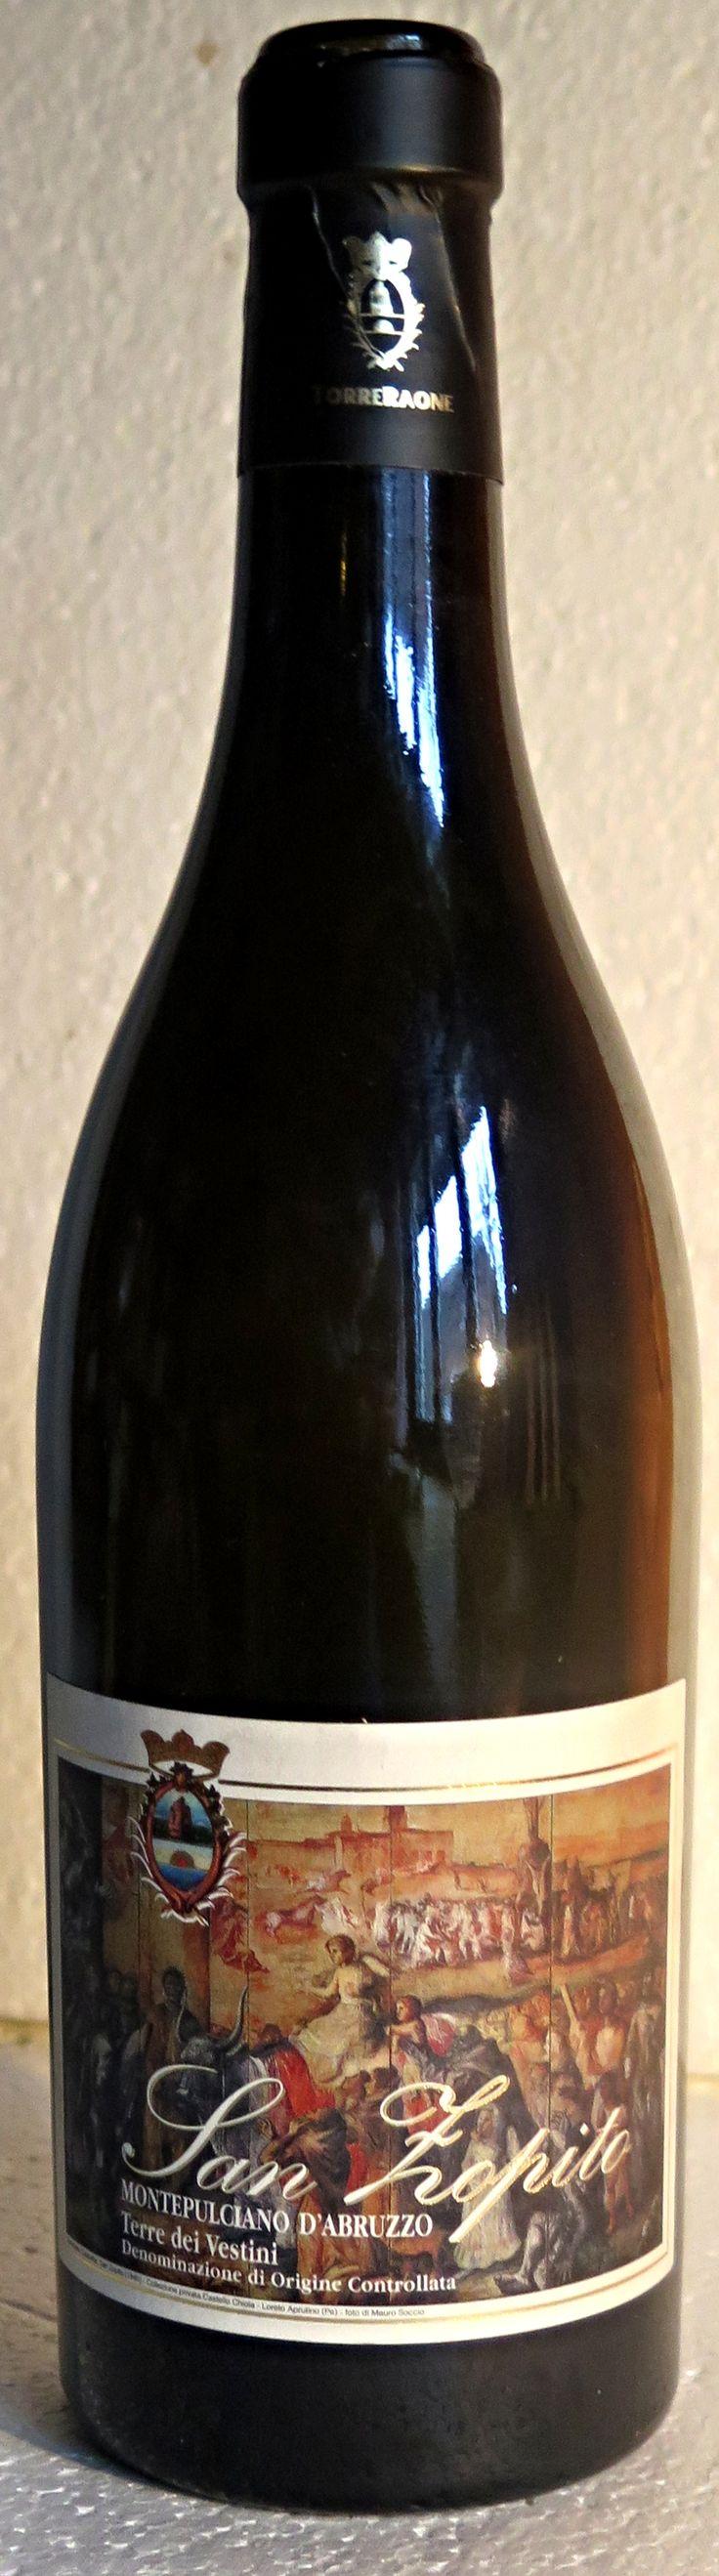 12.November 2015 - Torre Raone: San Zopito 2006, Montepulciano d'Abruzzo, Terre de Vestini, Italien -- Diesen Wein hätte ich dekantieren sollen, am besten eine Stunde vorher. Was ich sonst fast immer mache, habe ich hier unterlassen. Es war halt ein spontaner Entscheid einen Italiener aus dem Keller zu holen, als der Rollbraten längst im Ofen war und die Bratendüfte sanft und immer eindringlicher den Raum, ja das ganze Haus belegten,.